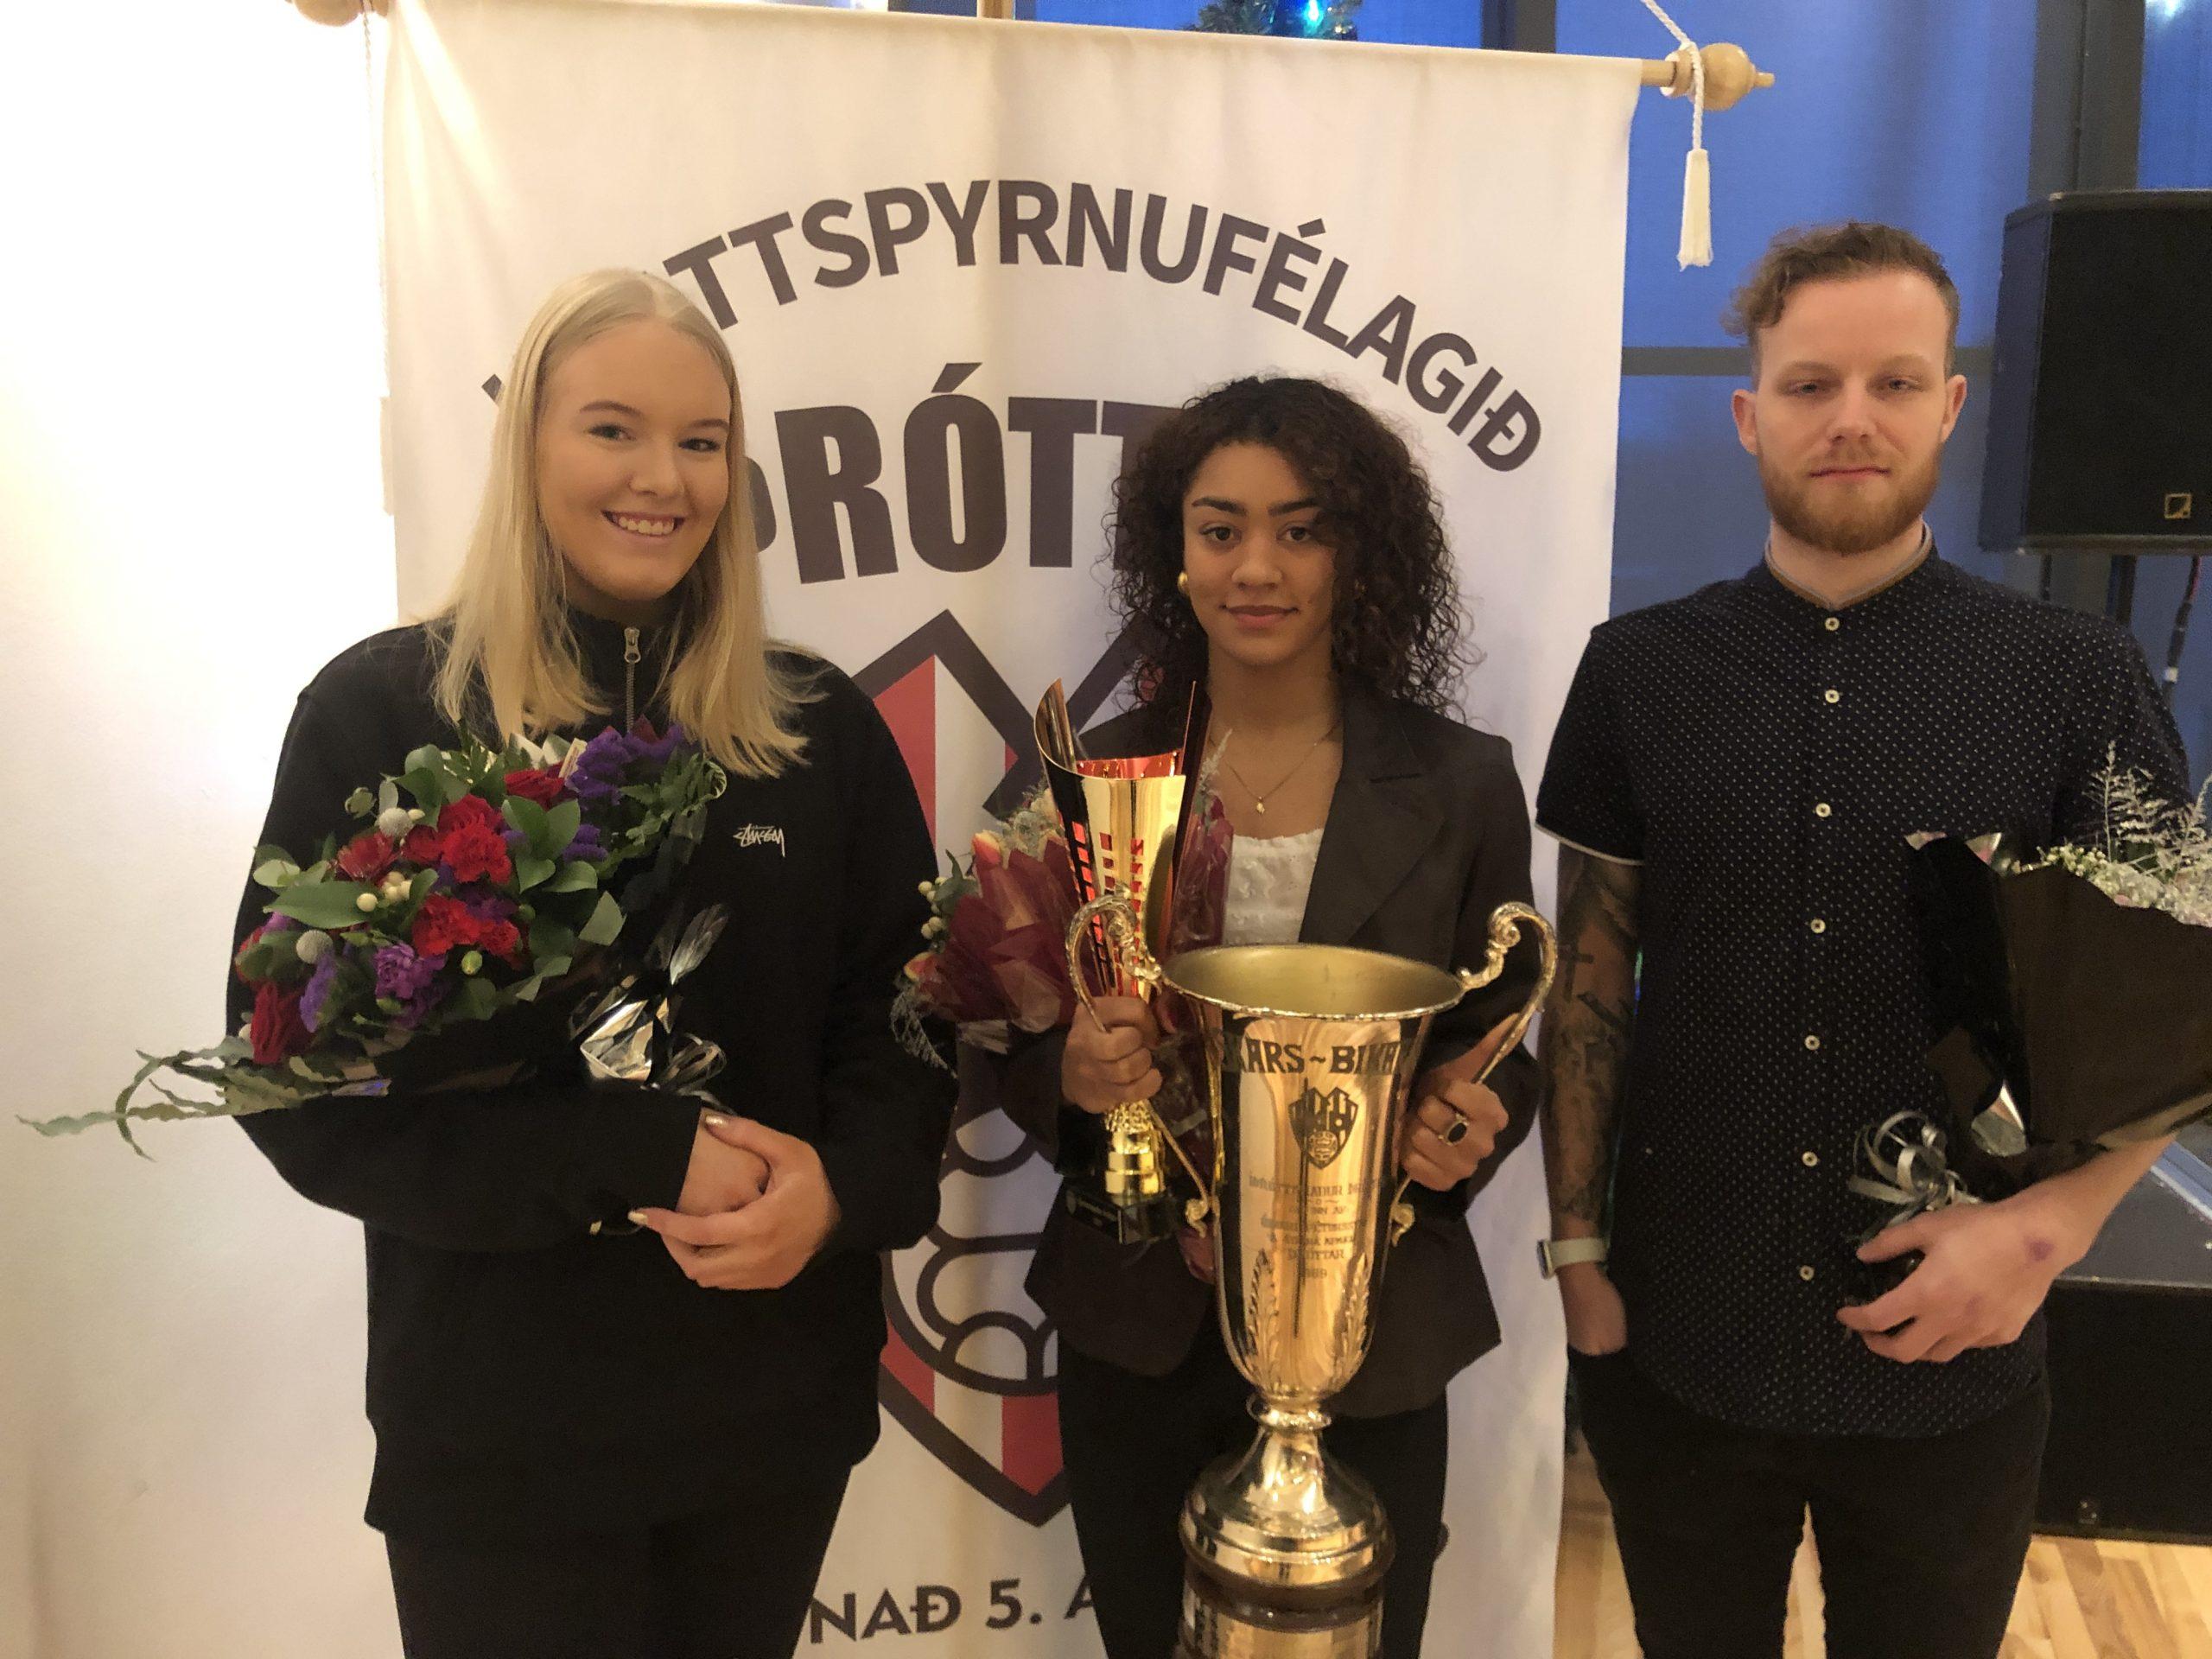 Íþróttafólk Þróttar 2019